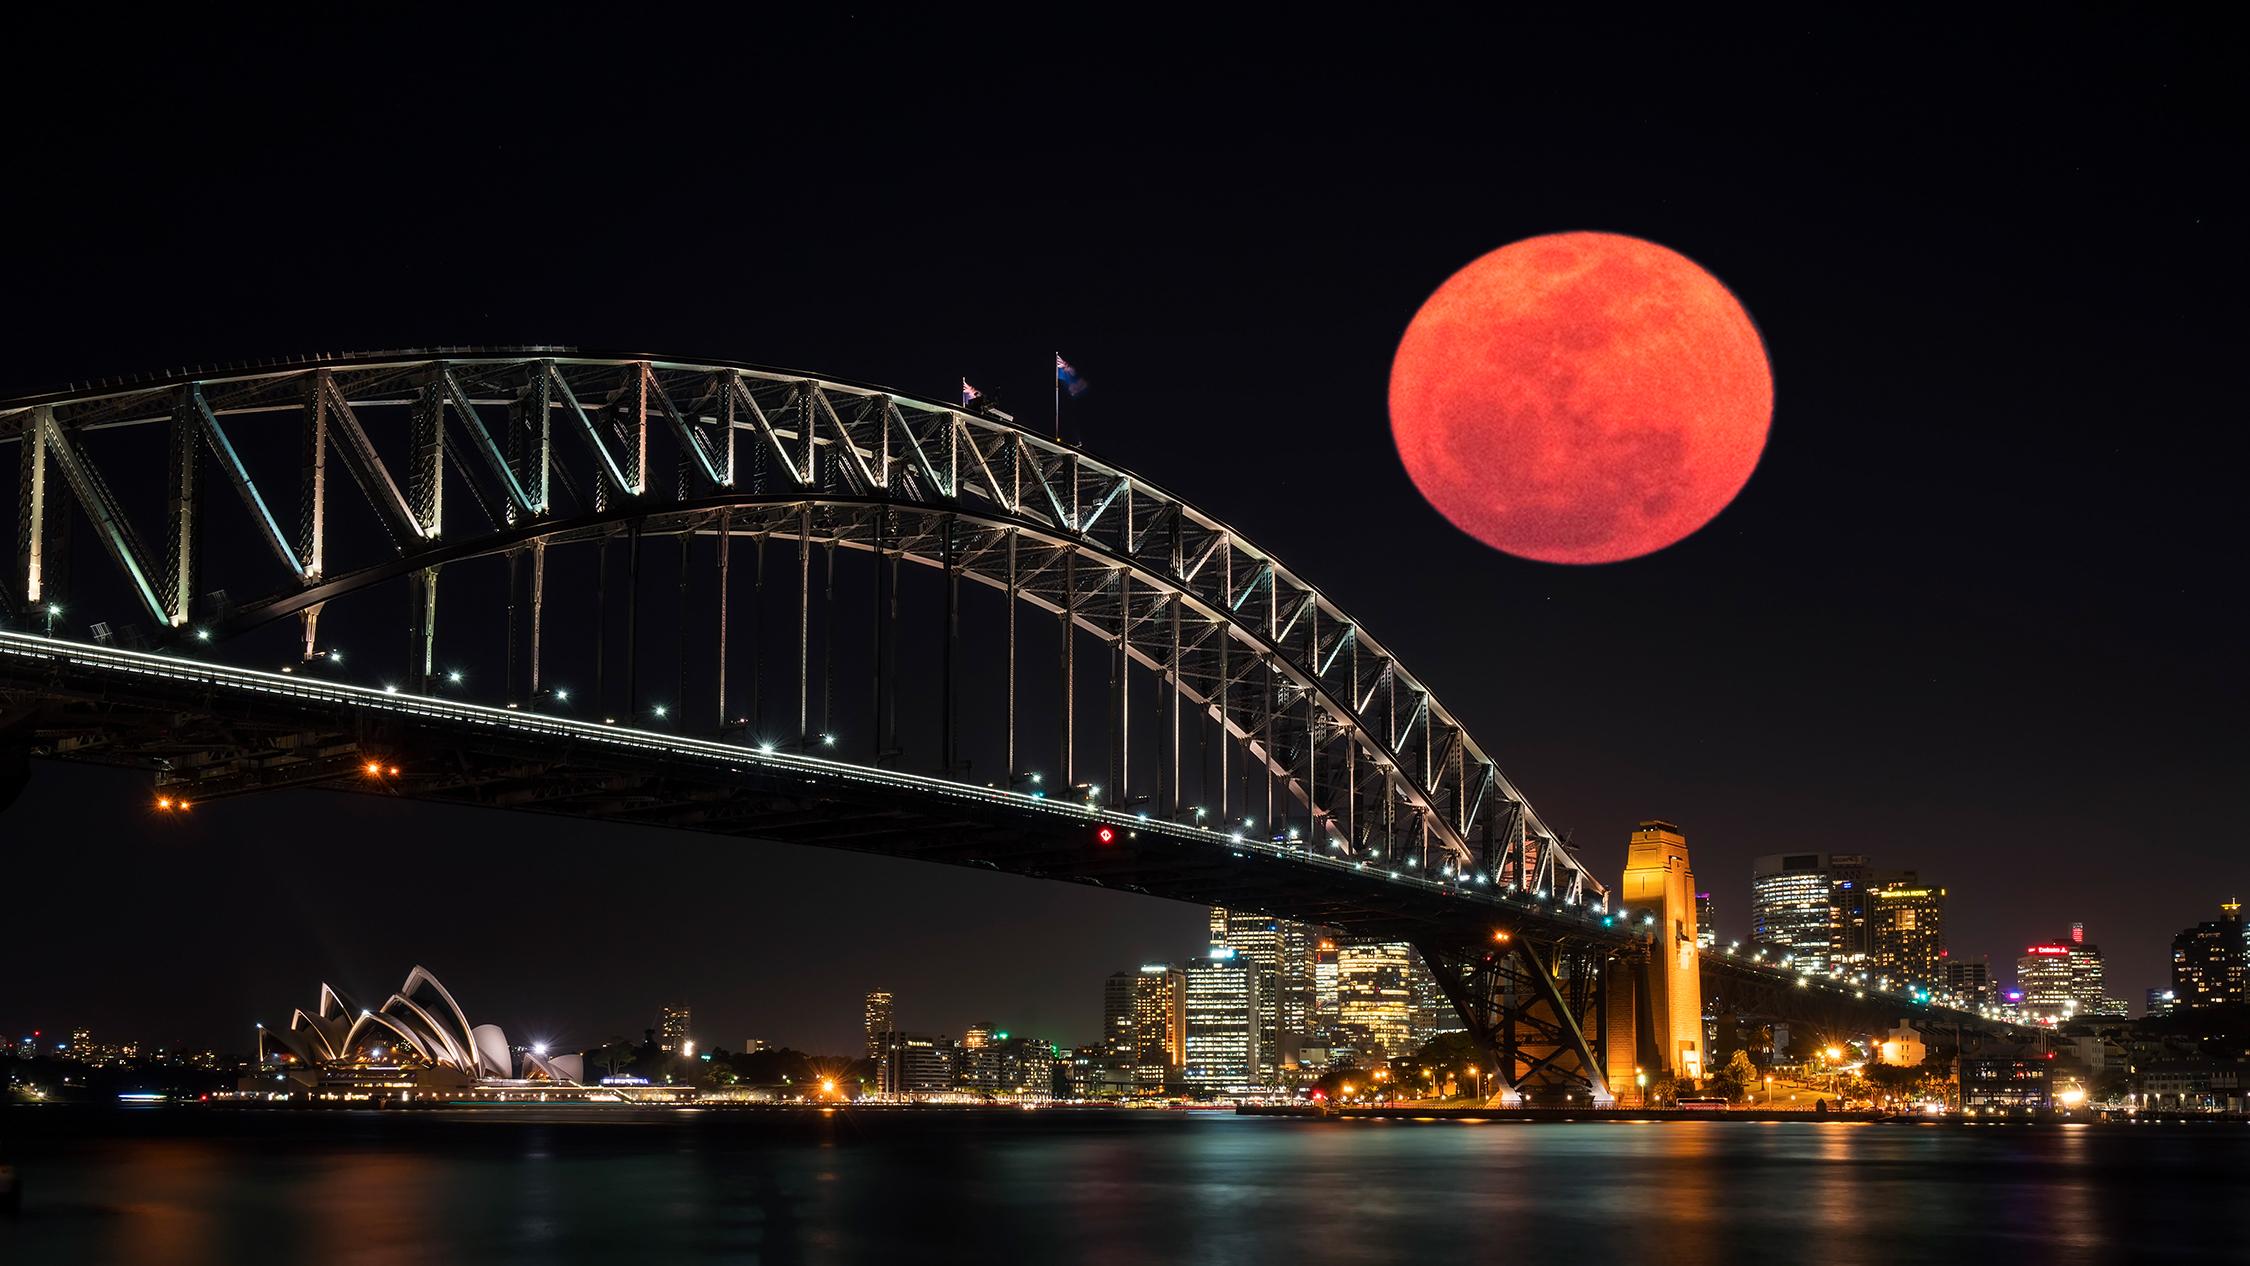 lunar eclipse sydney - Hướng dẫn xem nguyệt thực dài nhất thế kỷ ở Sydney